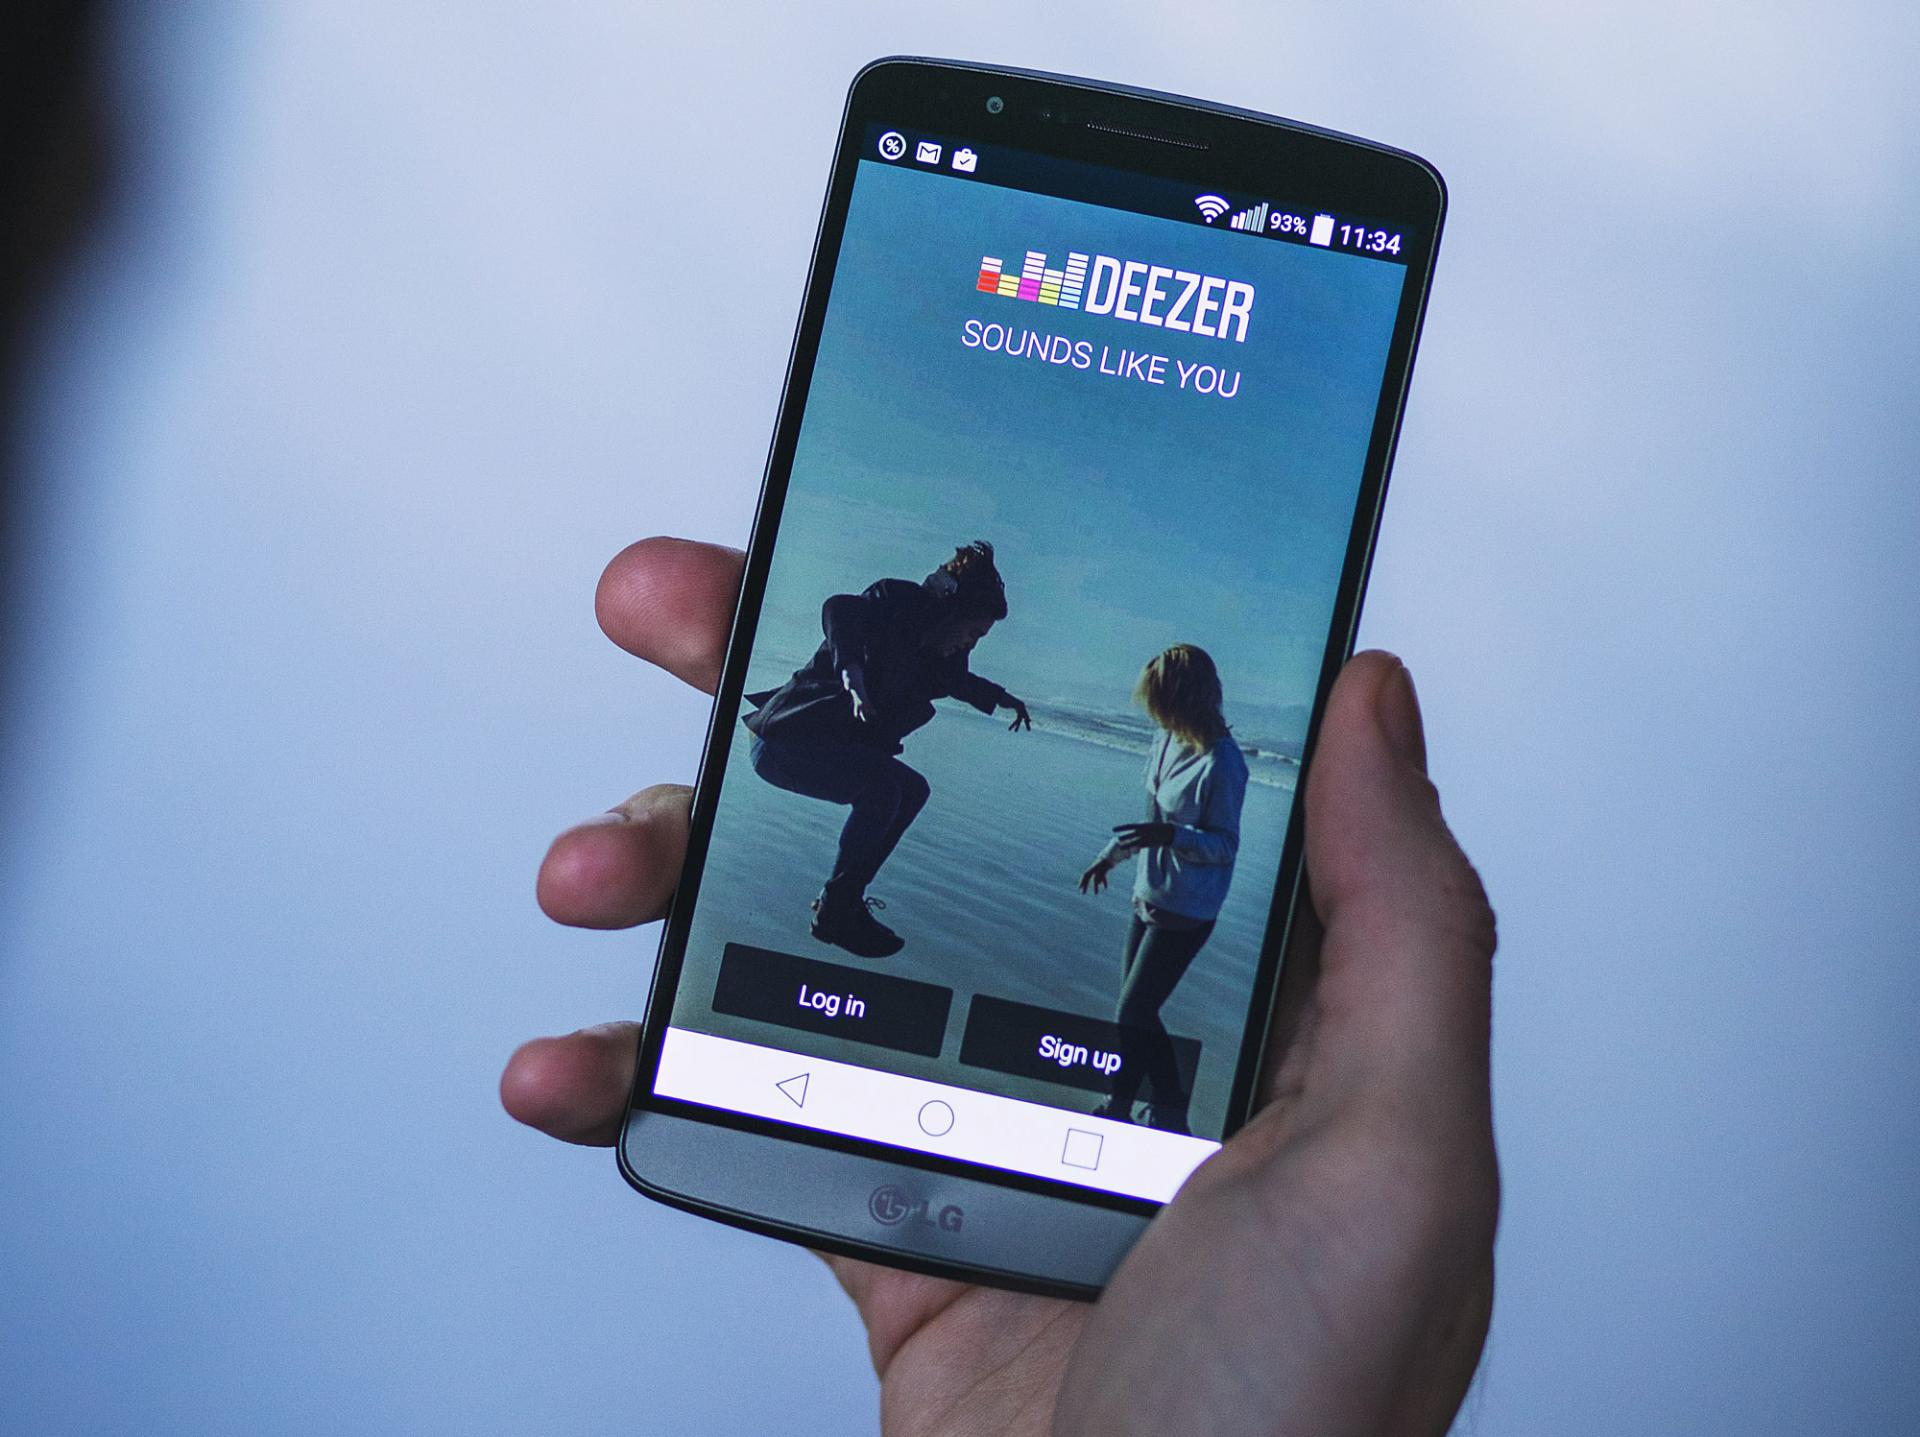 Как скачивать музыку изDeezer бесплатно?